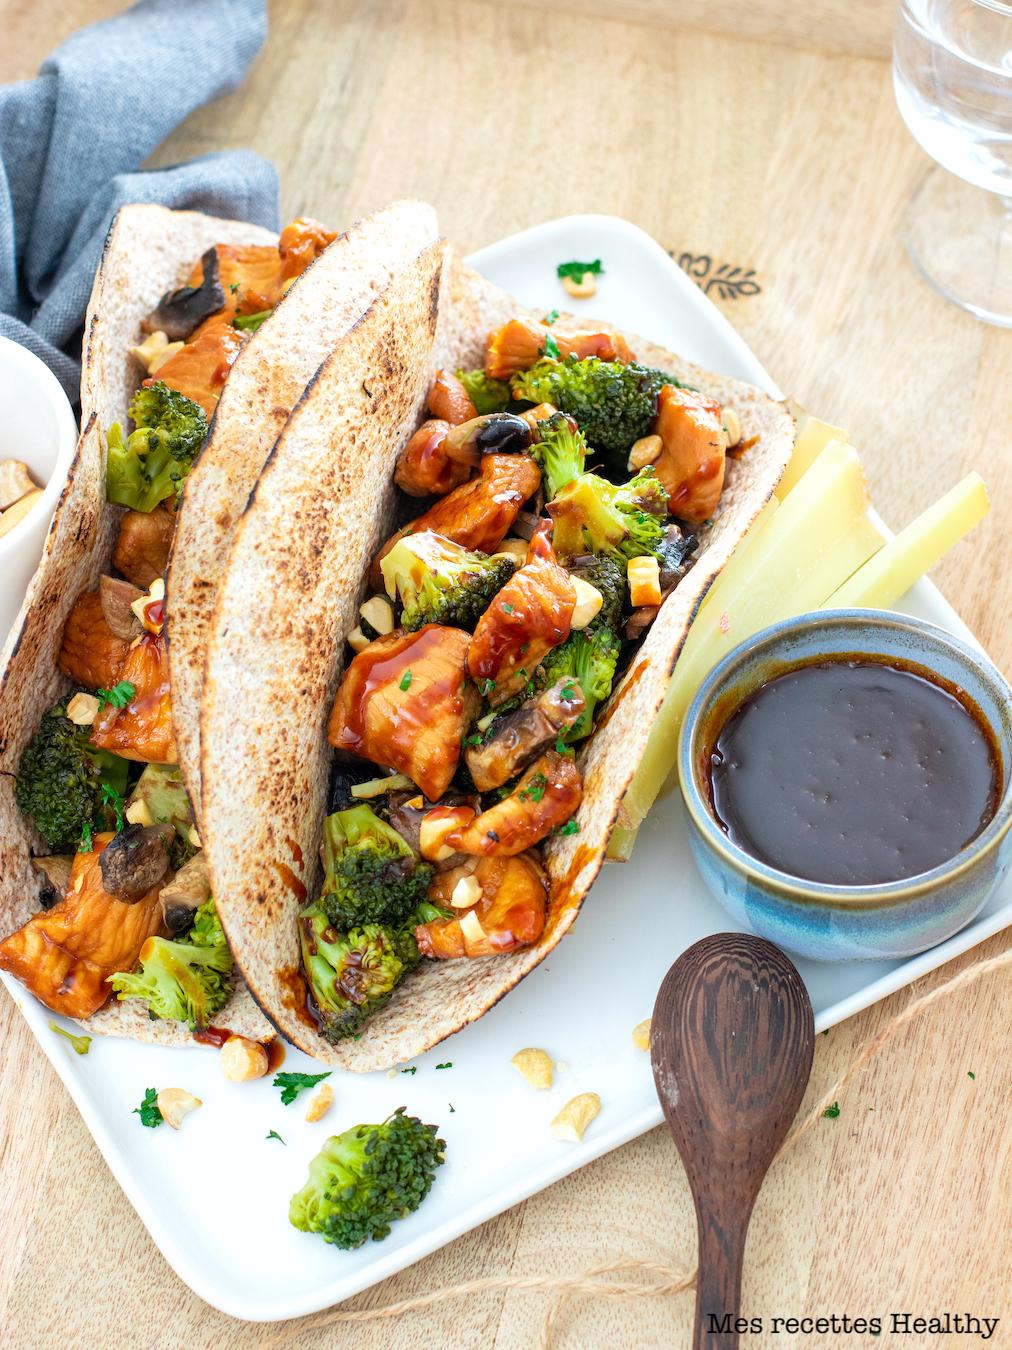 recette healthy-tacos poulet-legume-brocolis-sauce soja